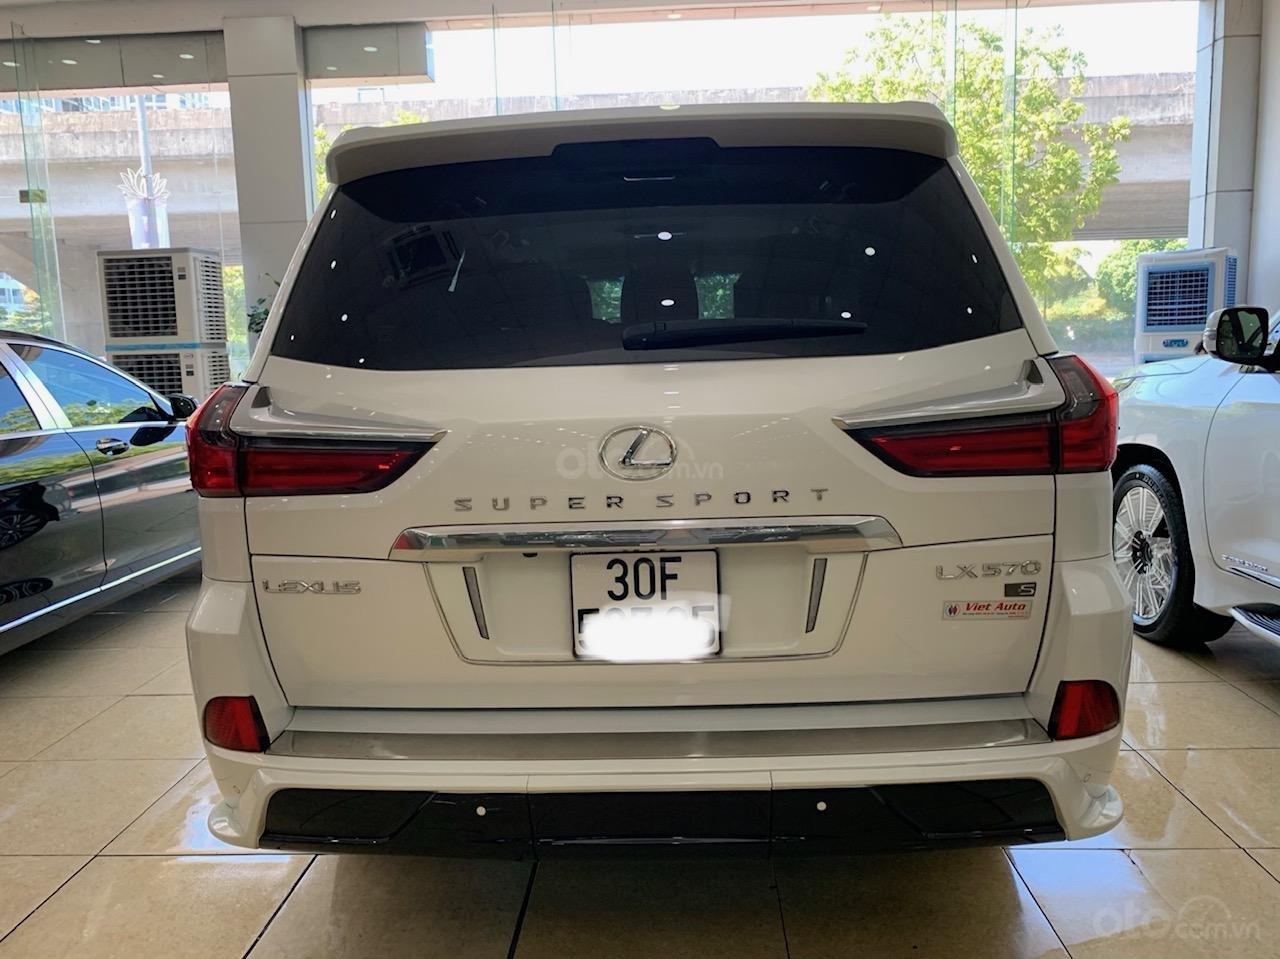 Bán ô tô Lexus LX super sport model 2017, đăng ký 2019 màu trắng, nhập khẩu, mới 99% (5)